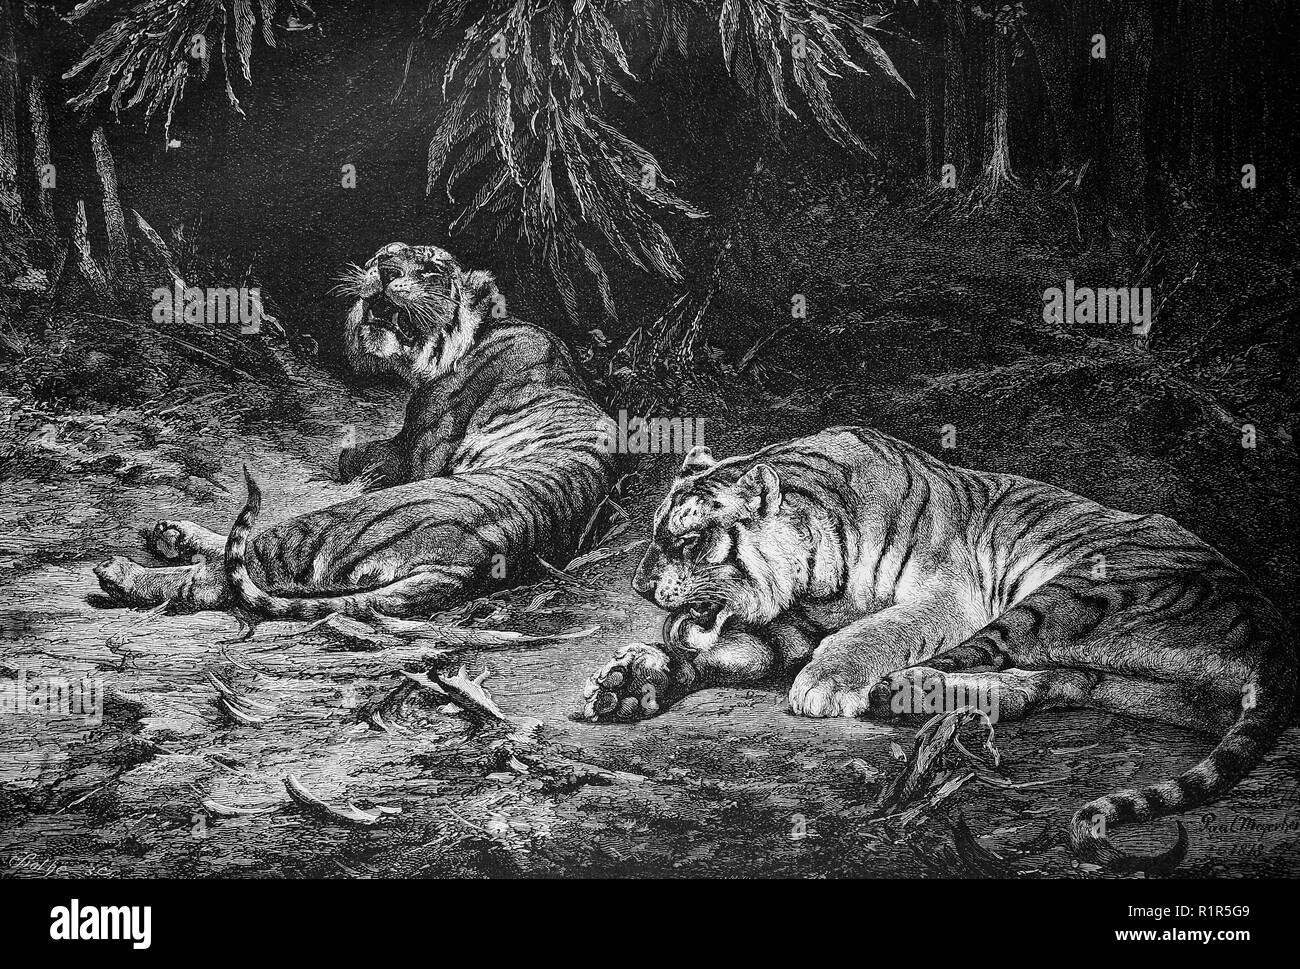 Digital migliorata la riproduzione, la tigre del Bengala è un Panthera tigris tigris popolazione nel subcontinente indiano, originale stampa da l'anno 1880 Immagini Stock